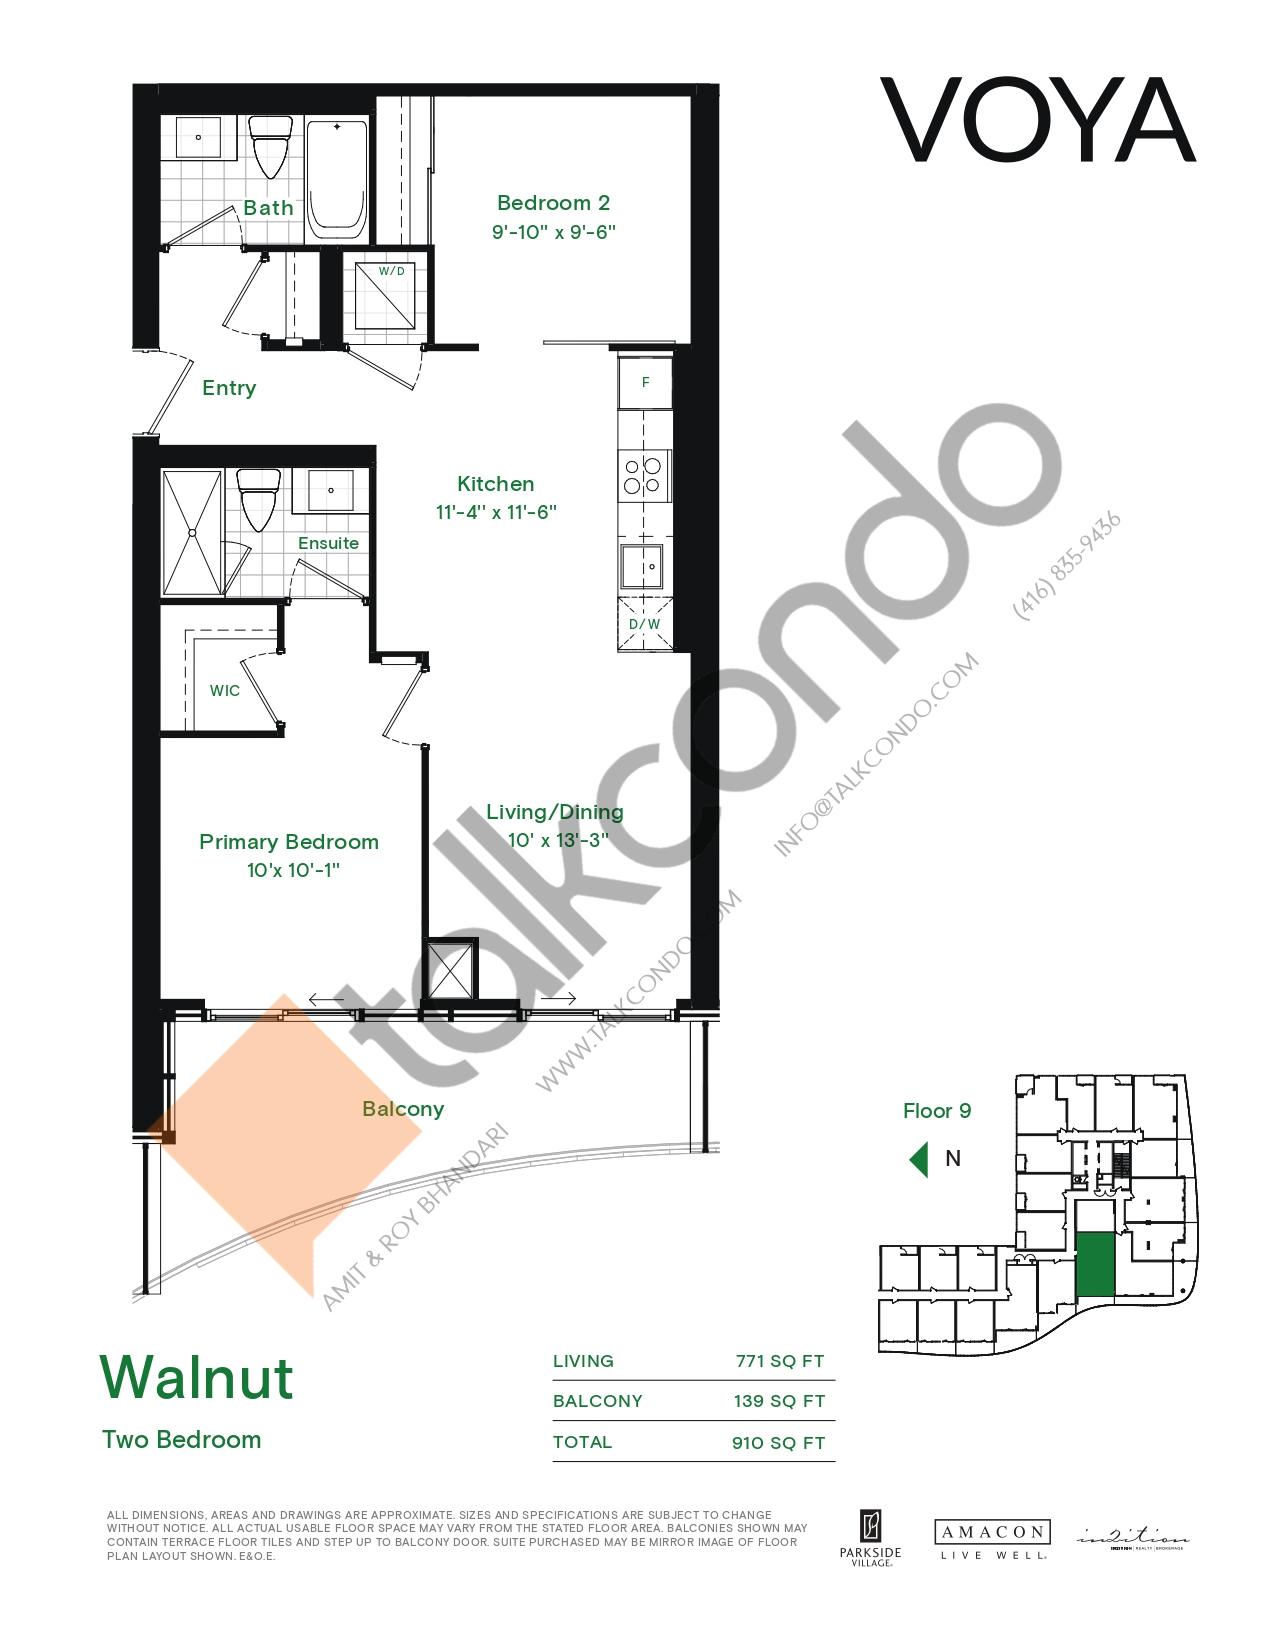 Walnut (Podium) Floor Plan at Voya at Parkside Village Condos - 771 sq.ft